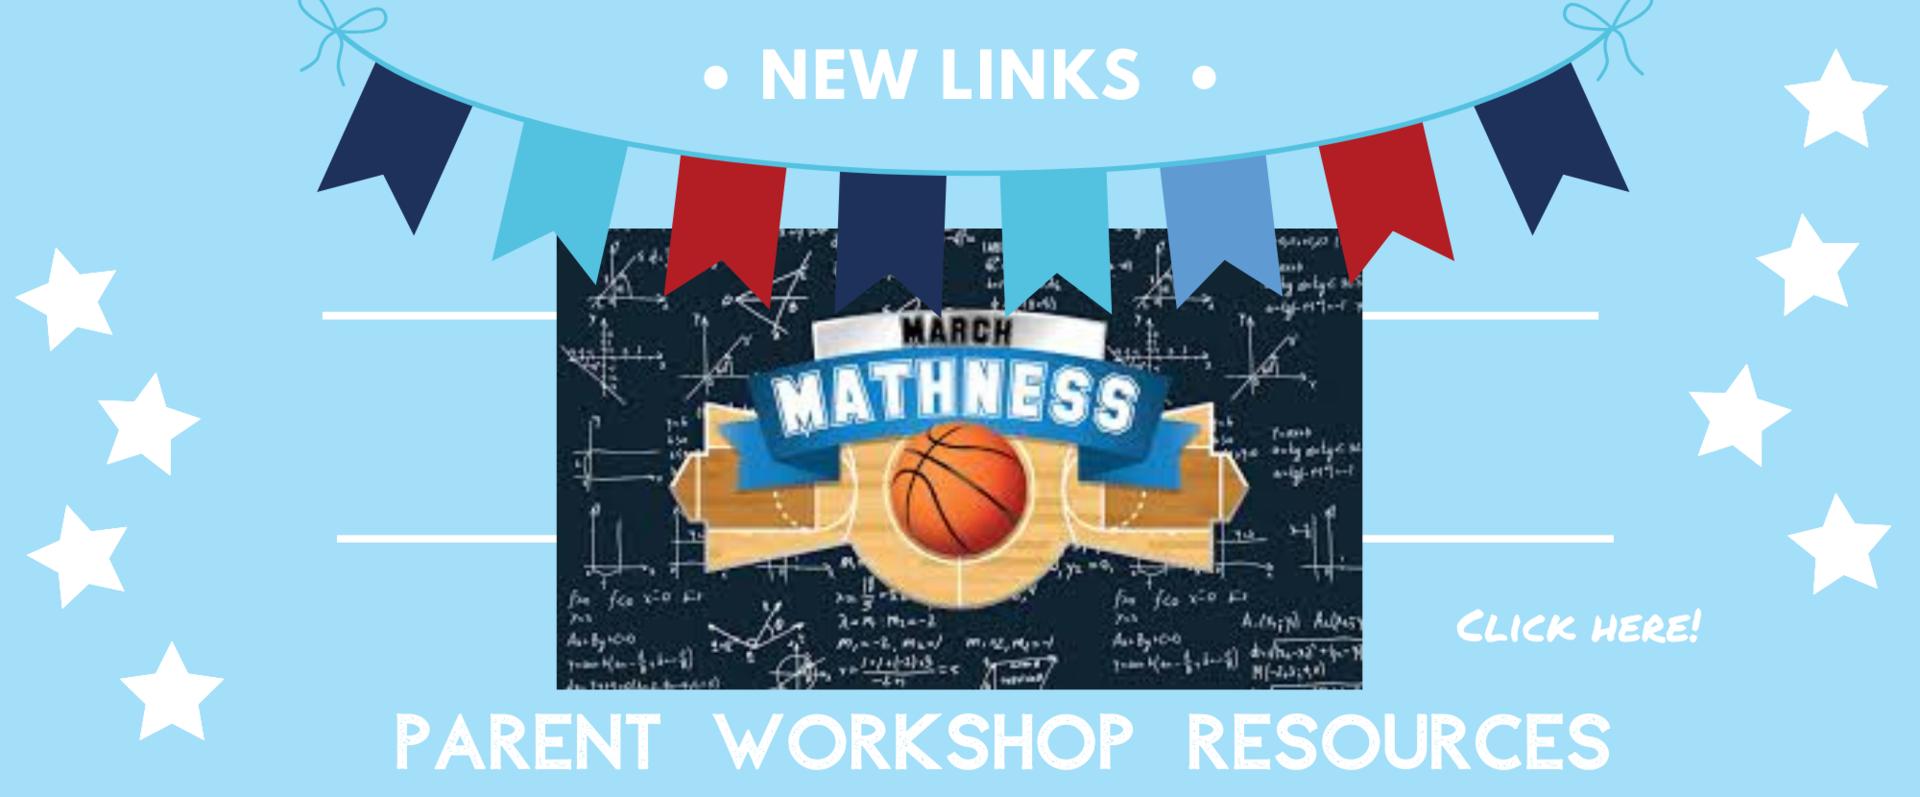 March Mathness Slide